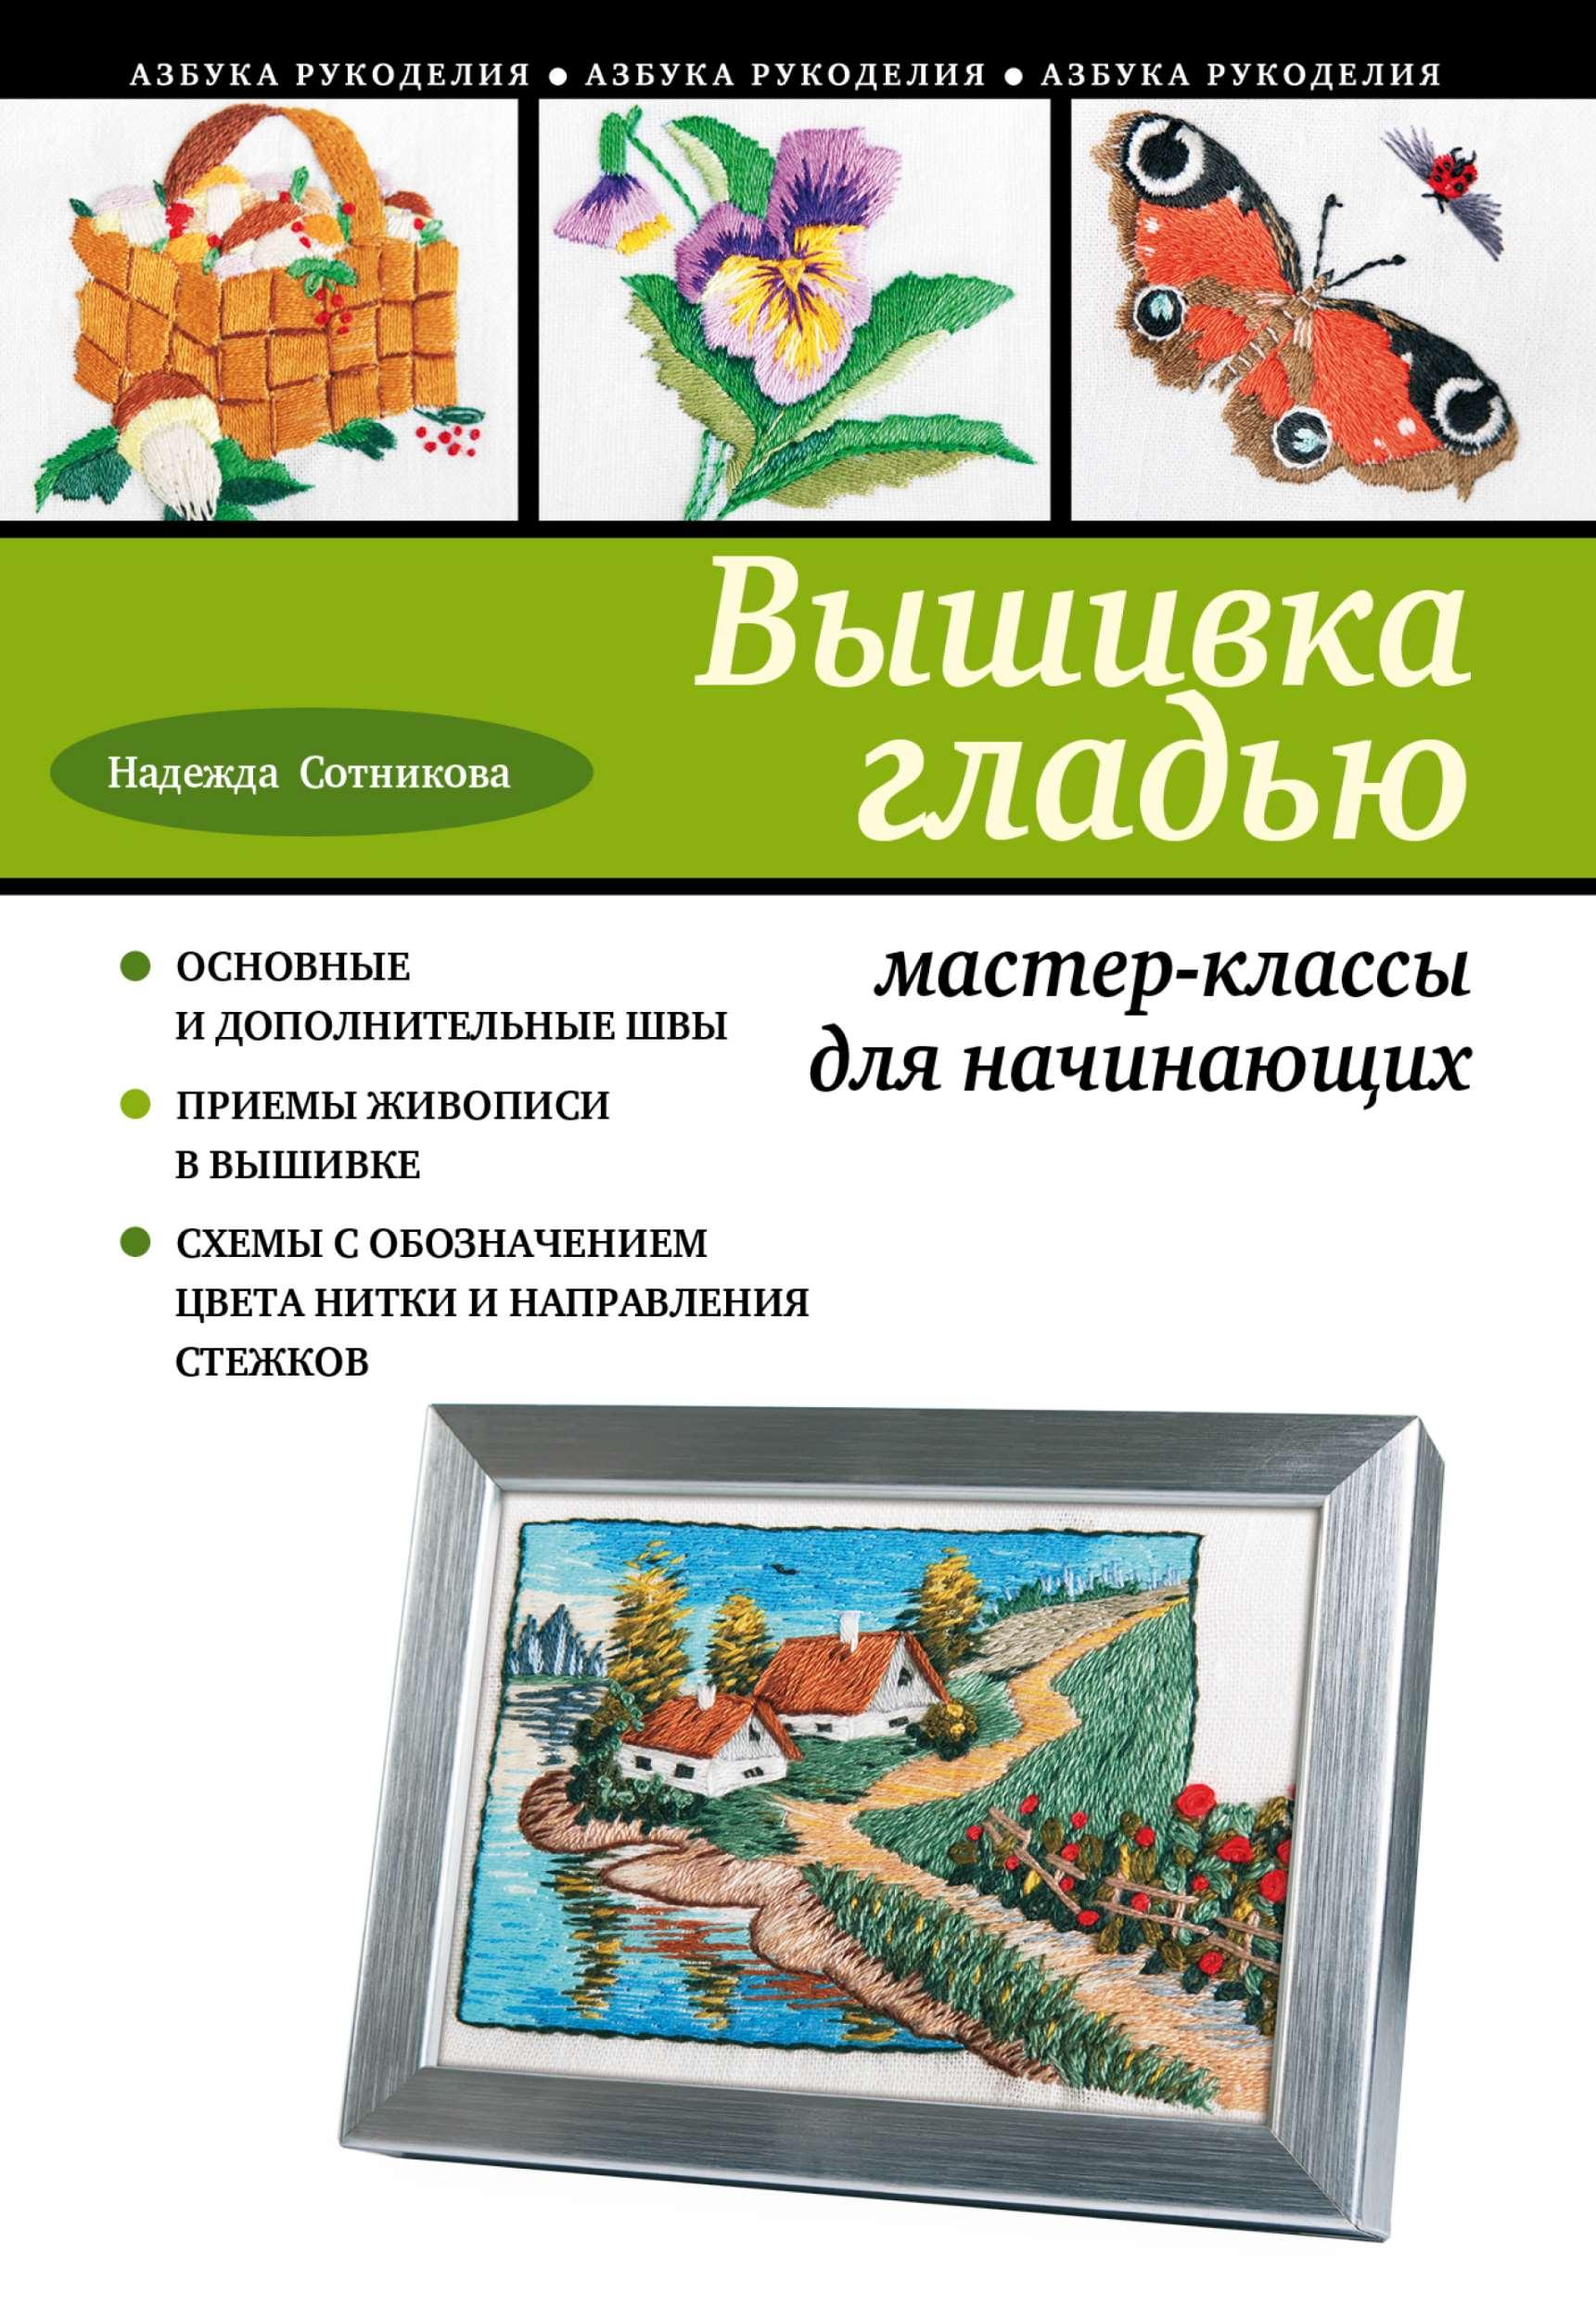 Н. А. Сотникова Вышивка гладью. Мастер-классы для начинающих